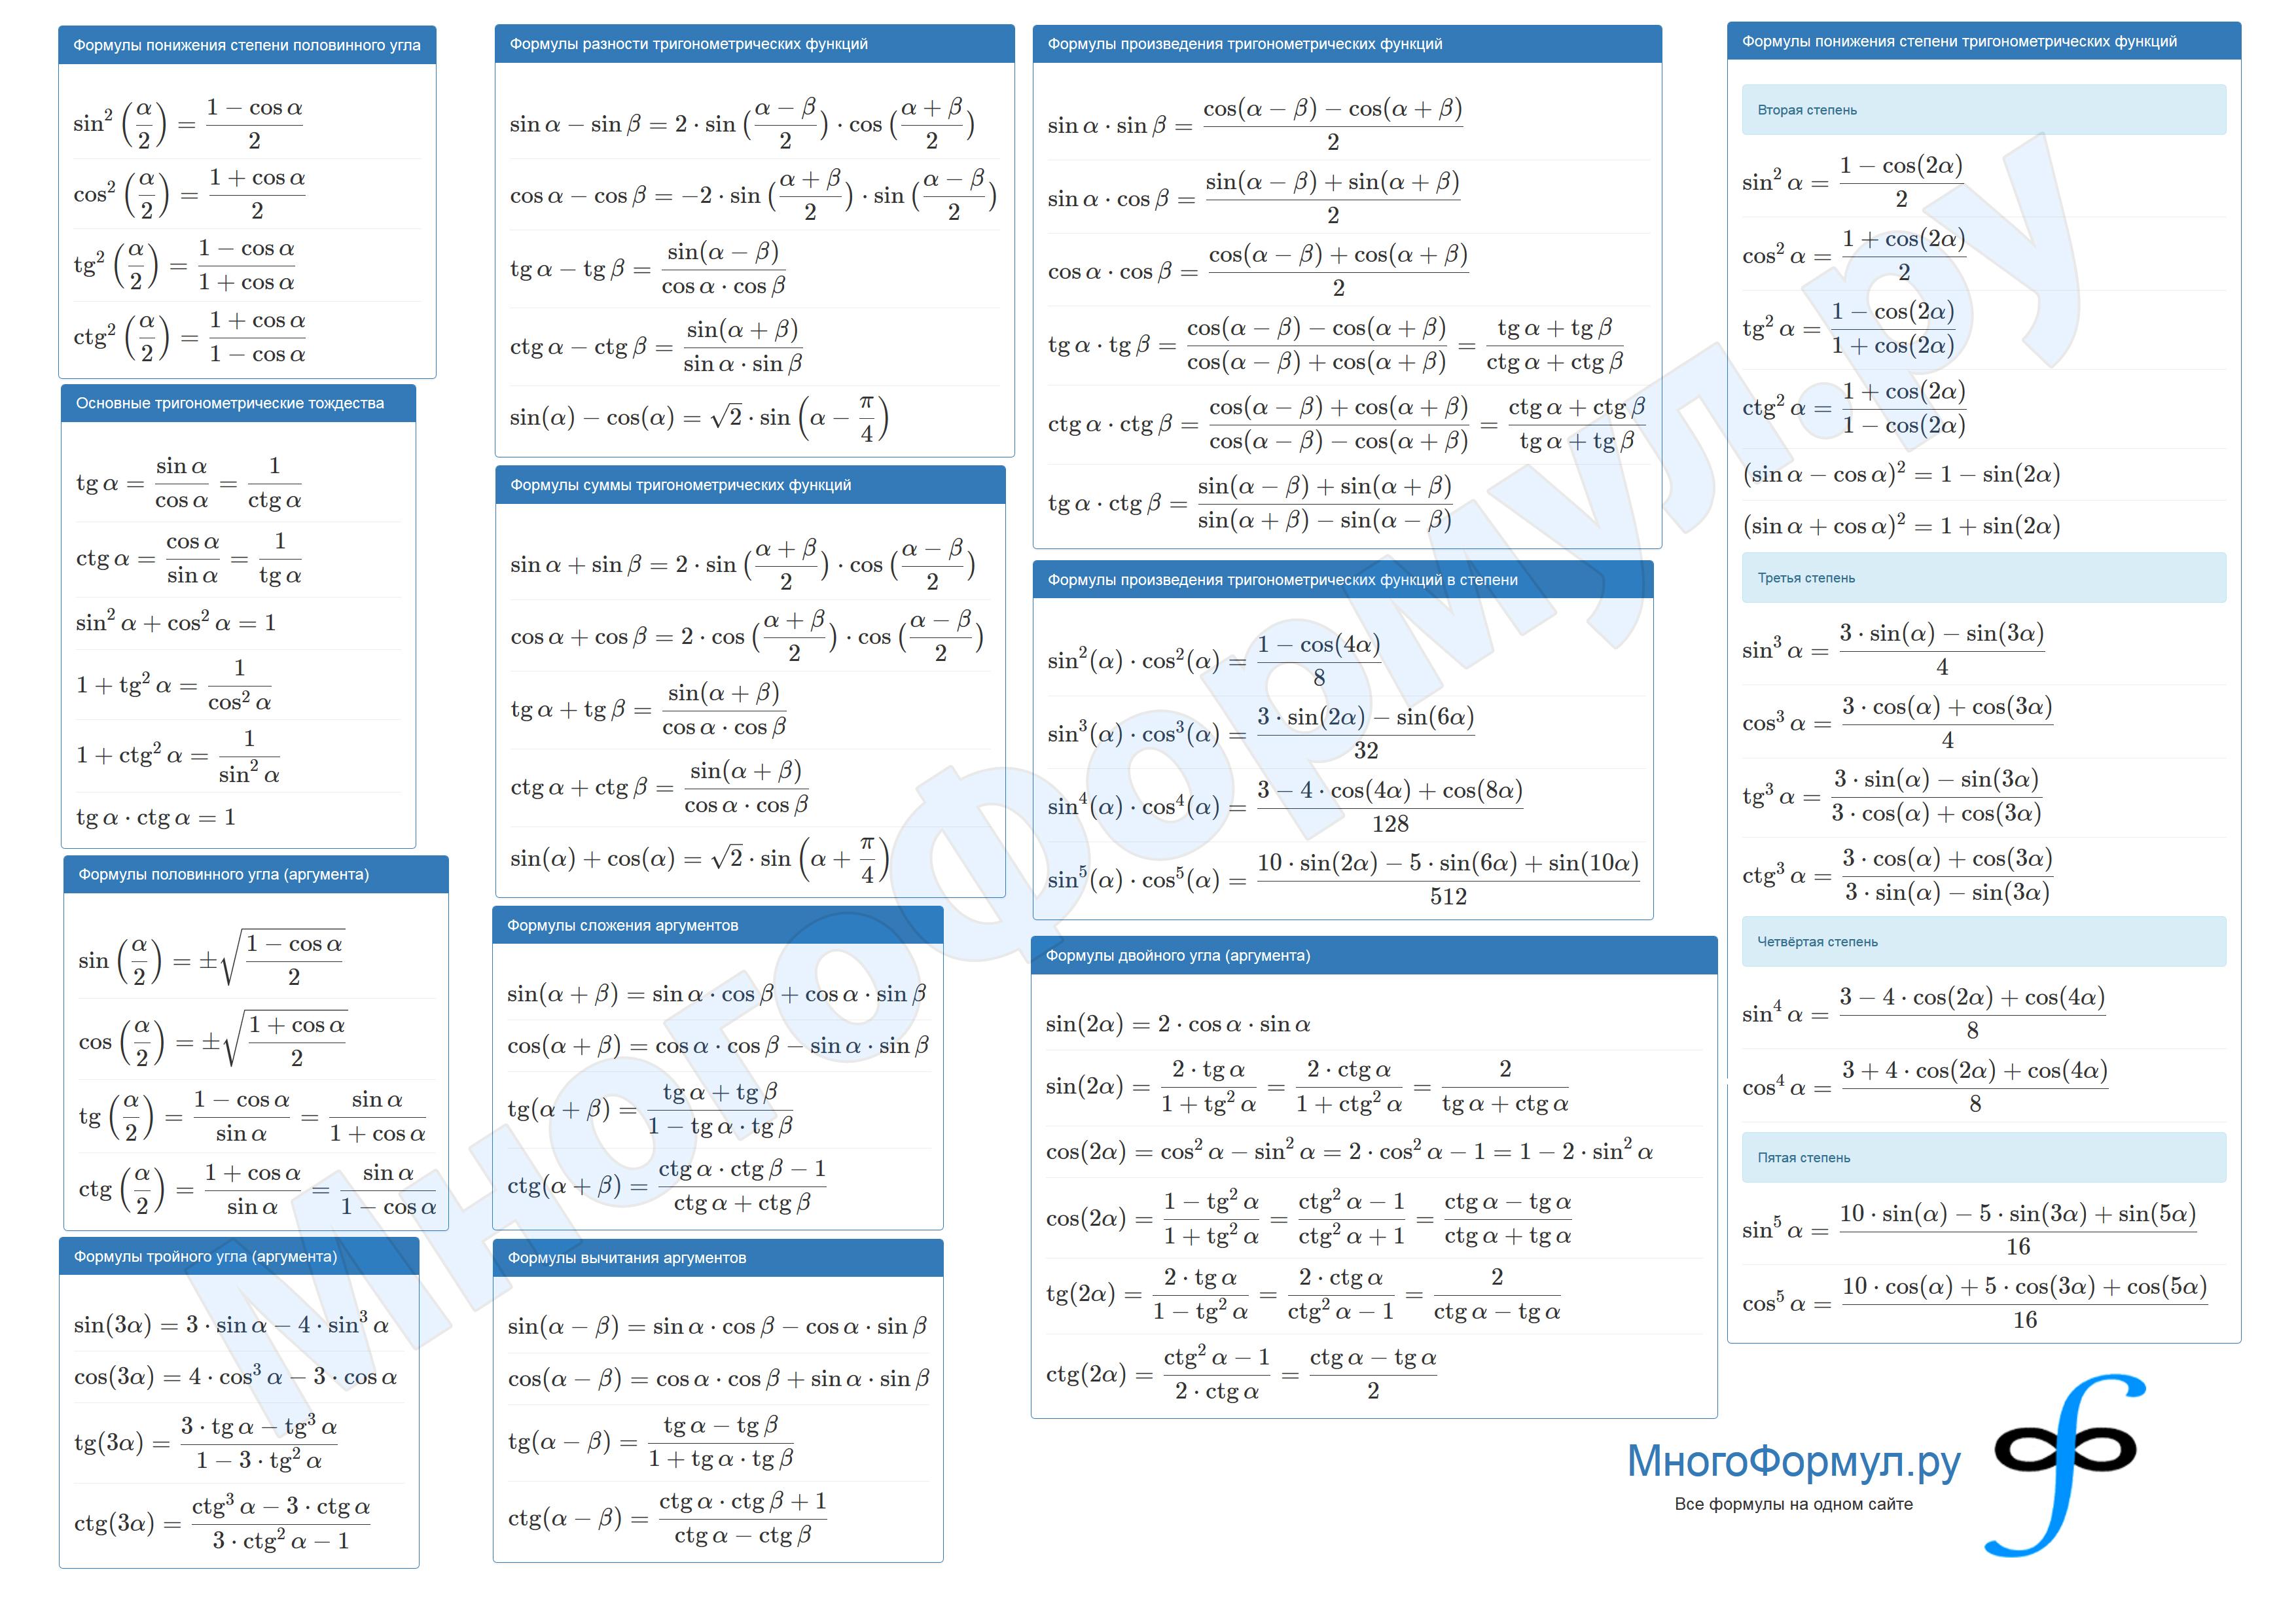 Тригонометрия - синус, косинус, тангенс, котангенс